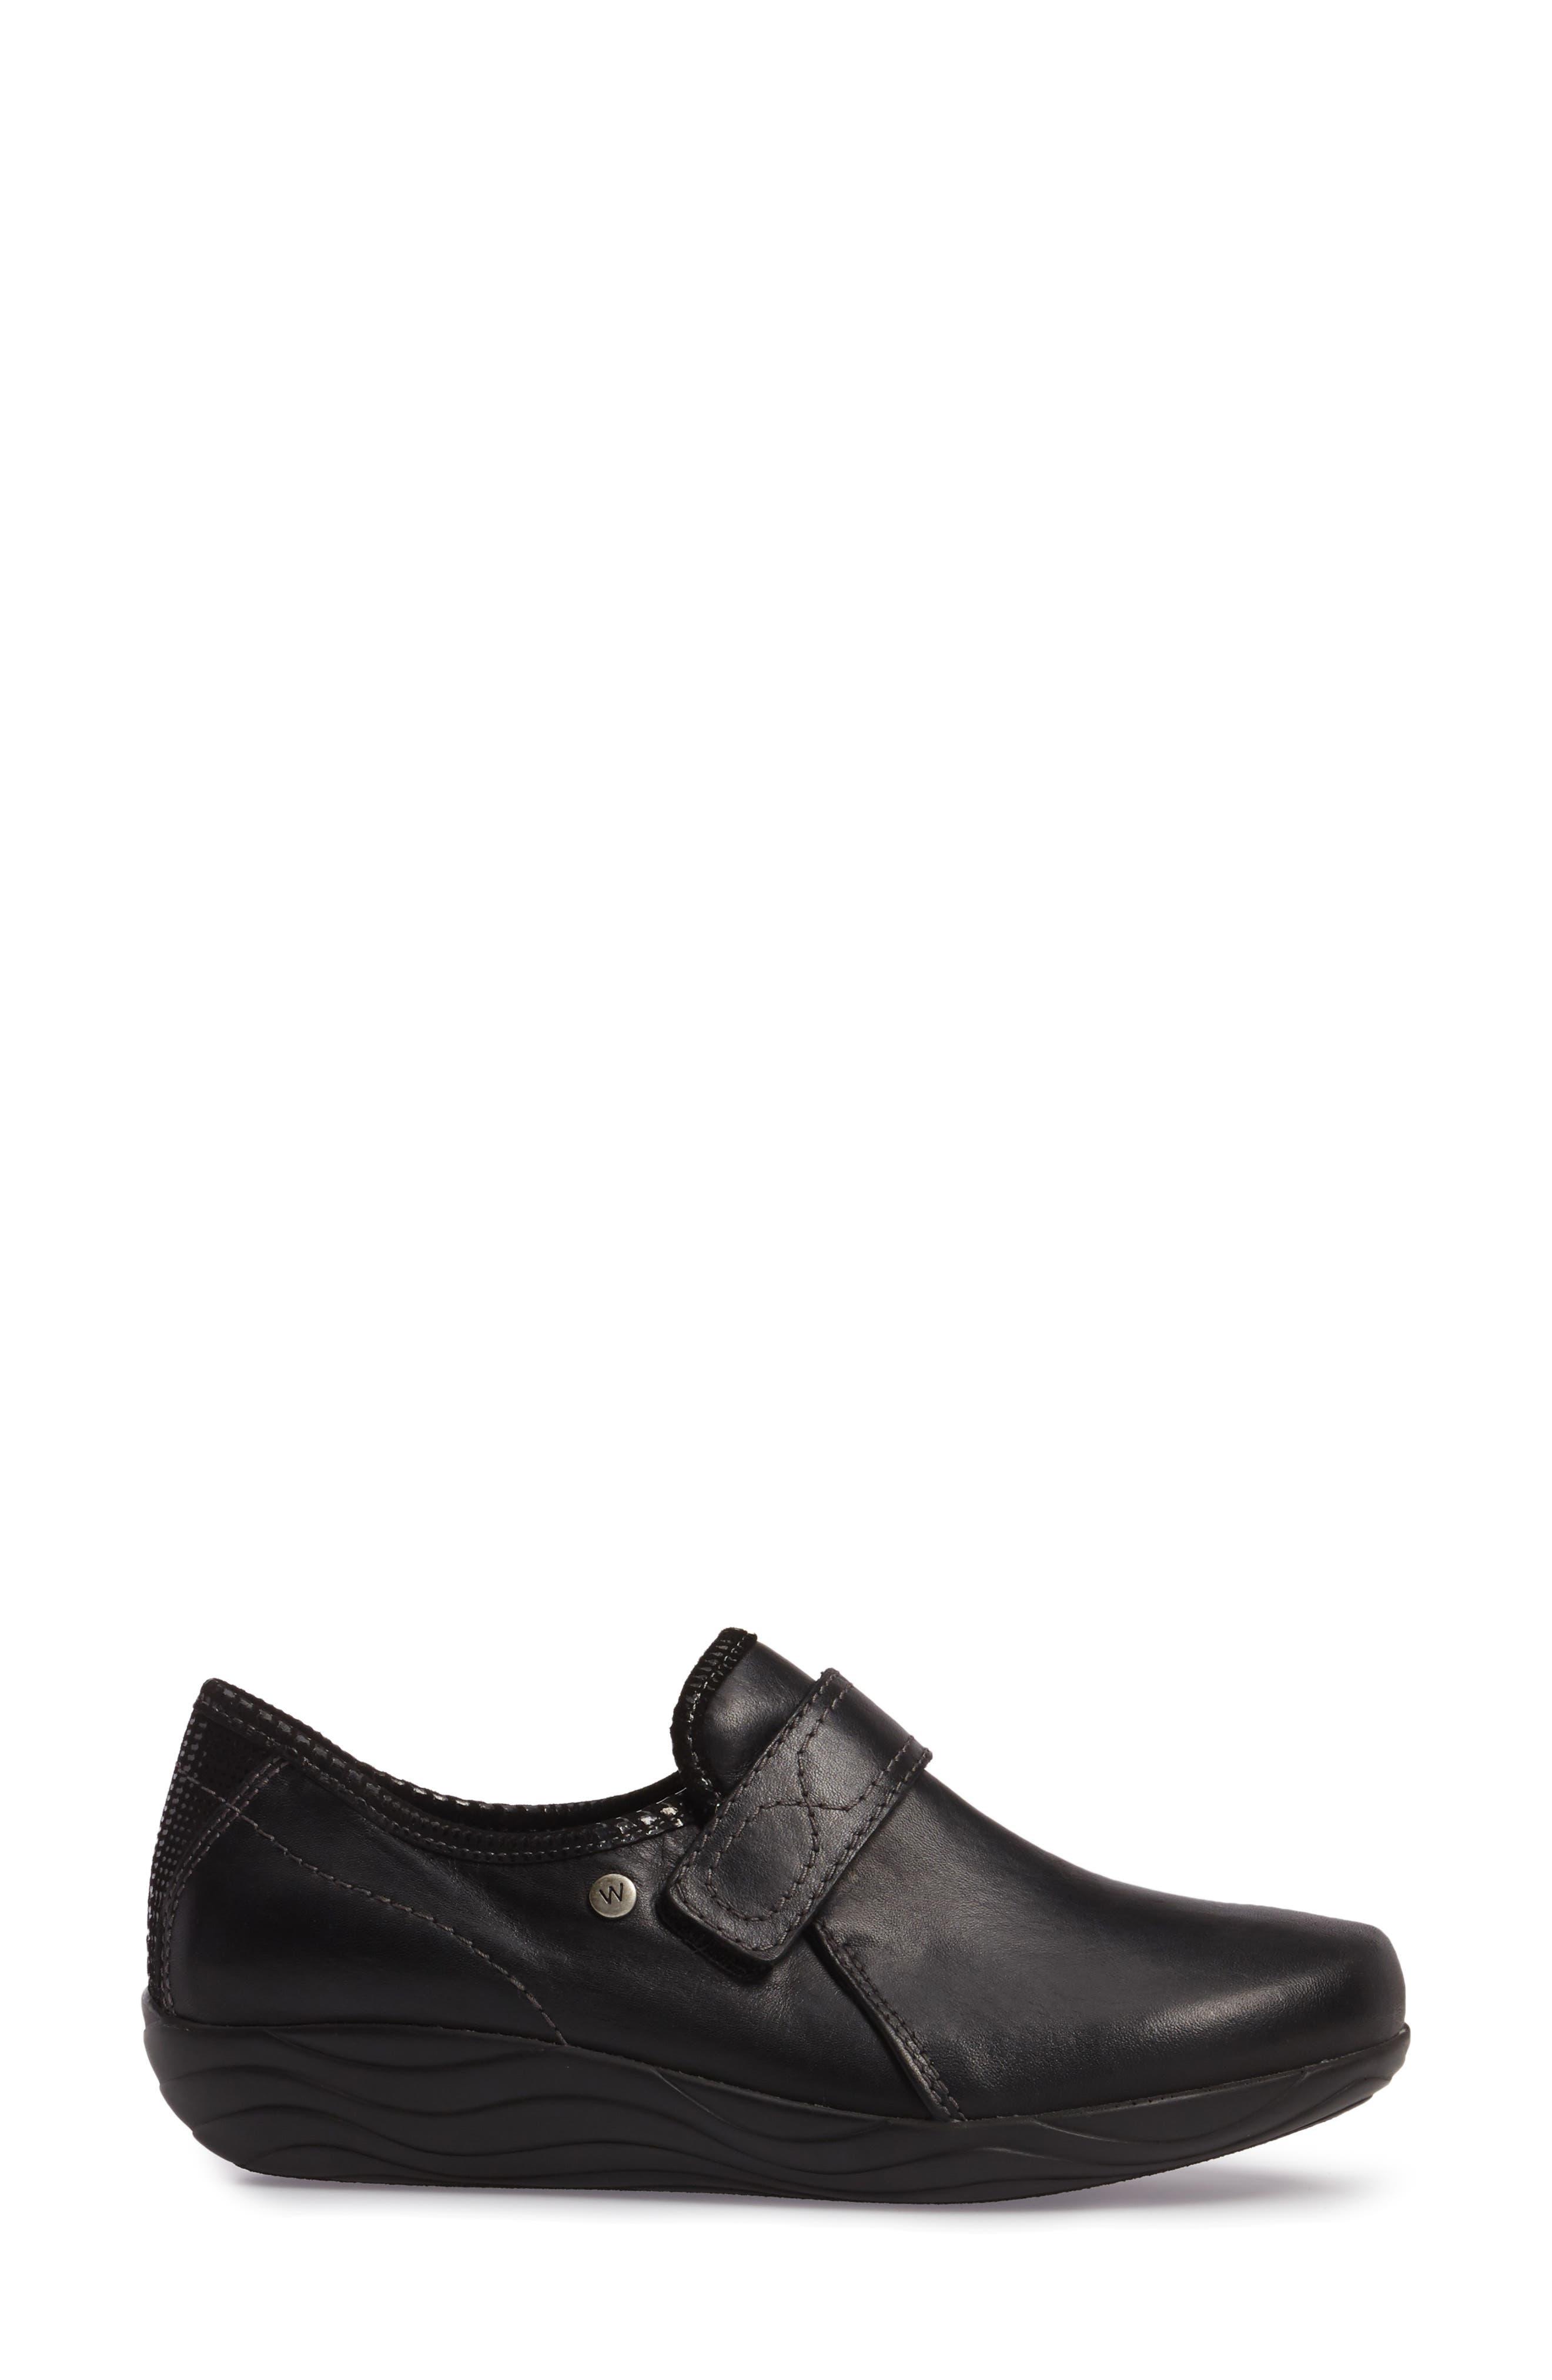 Desna Slip-On Sneaker,                             Alternate thumbnail 3, color,                             001